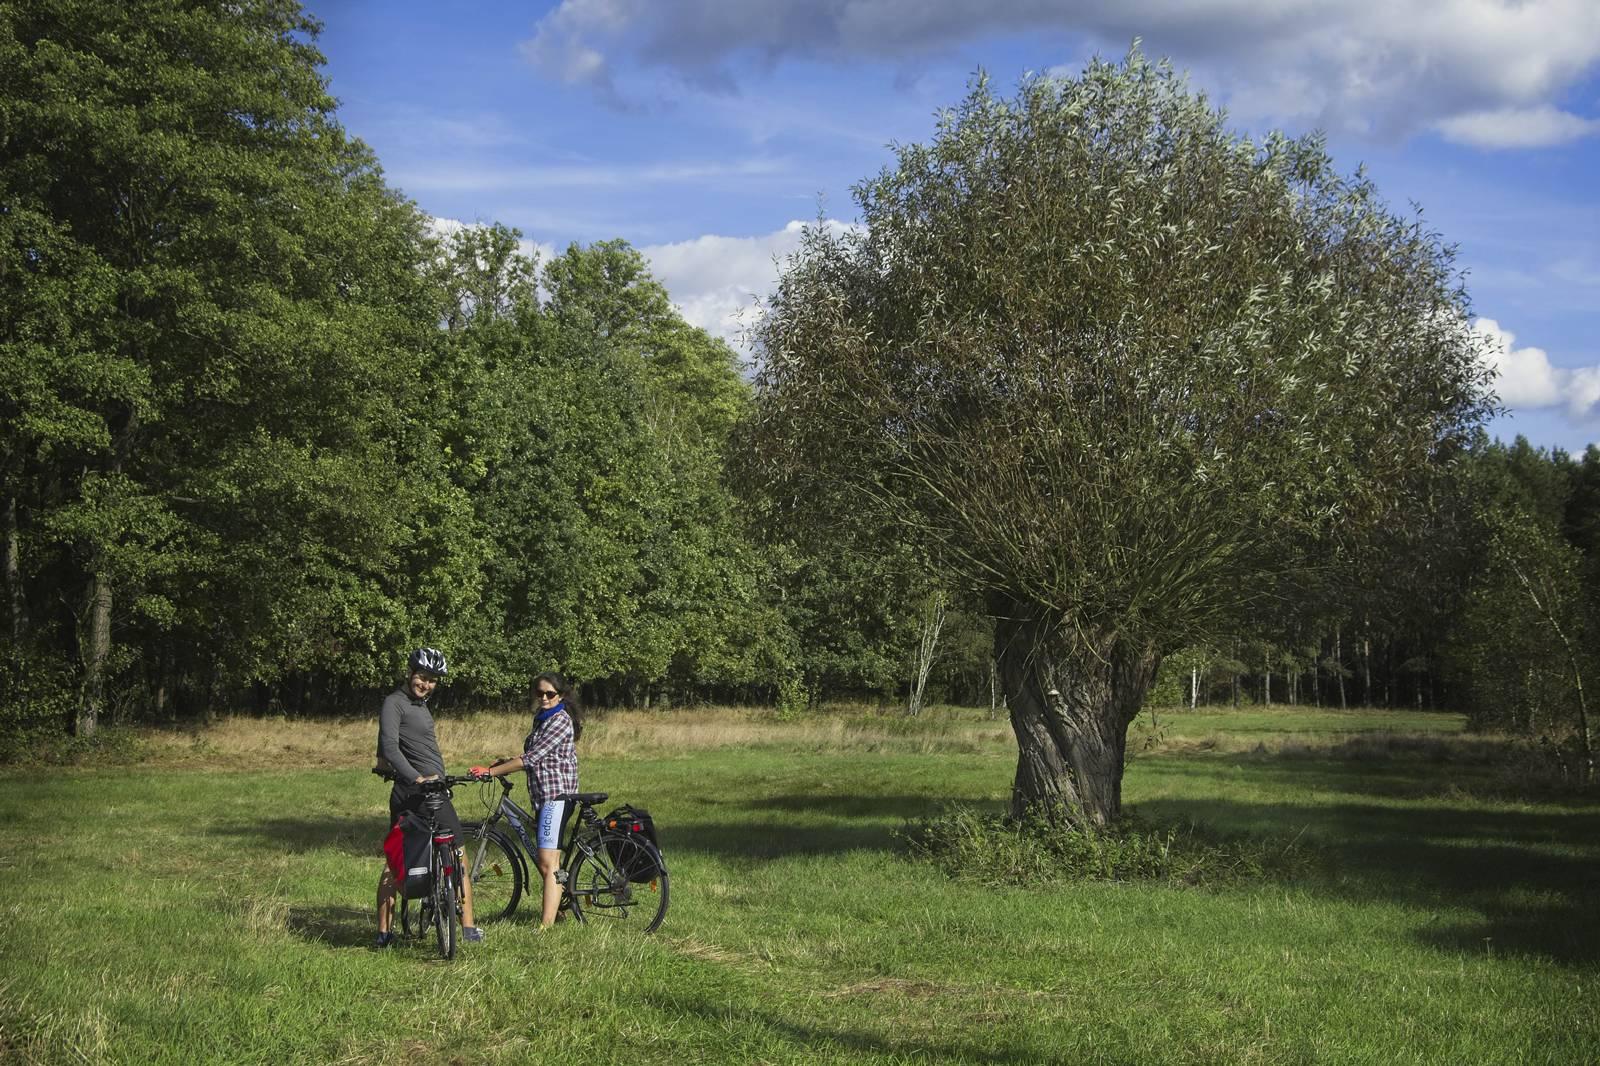 kampinos puszcza kampinoska gdzie na rower w okolicach warszawy wierzba szlaki rowerowe wokol warszawy